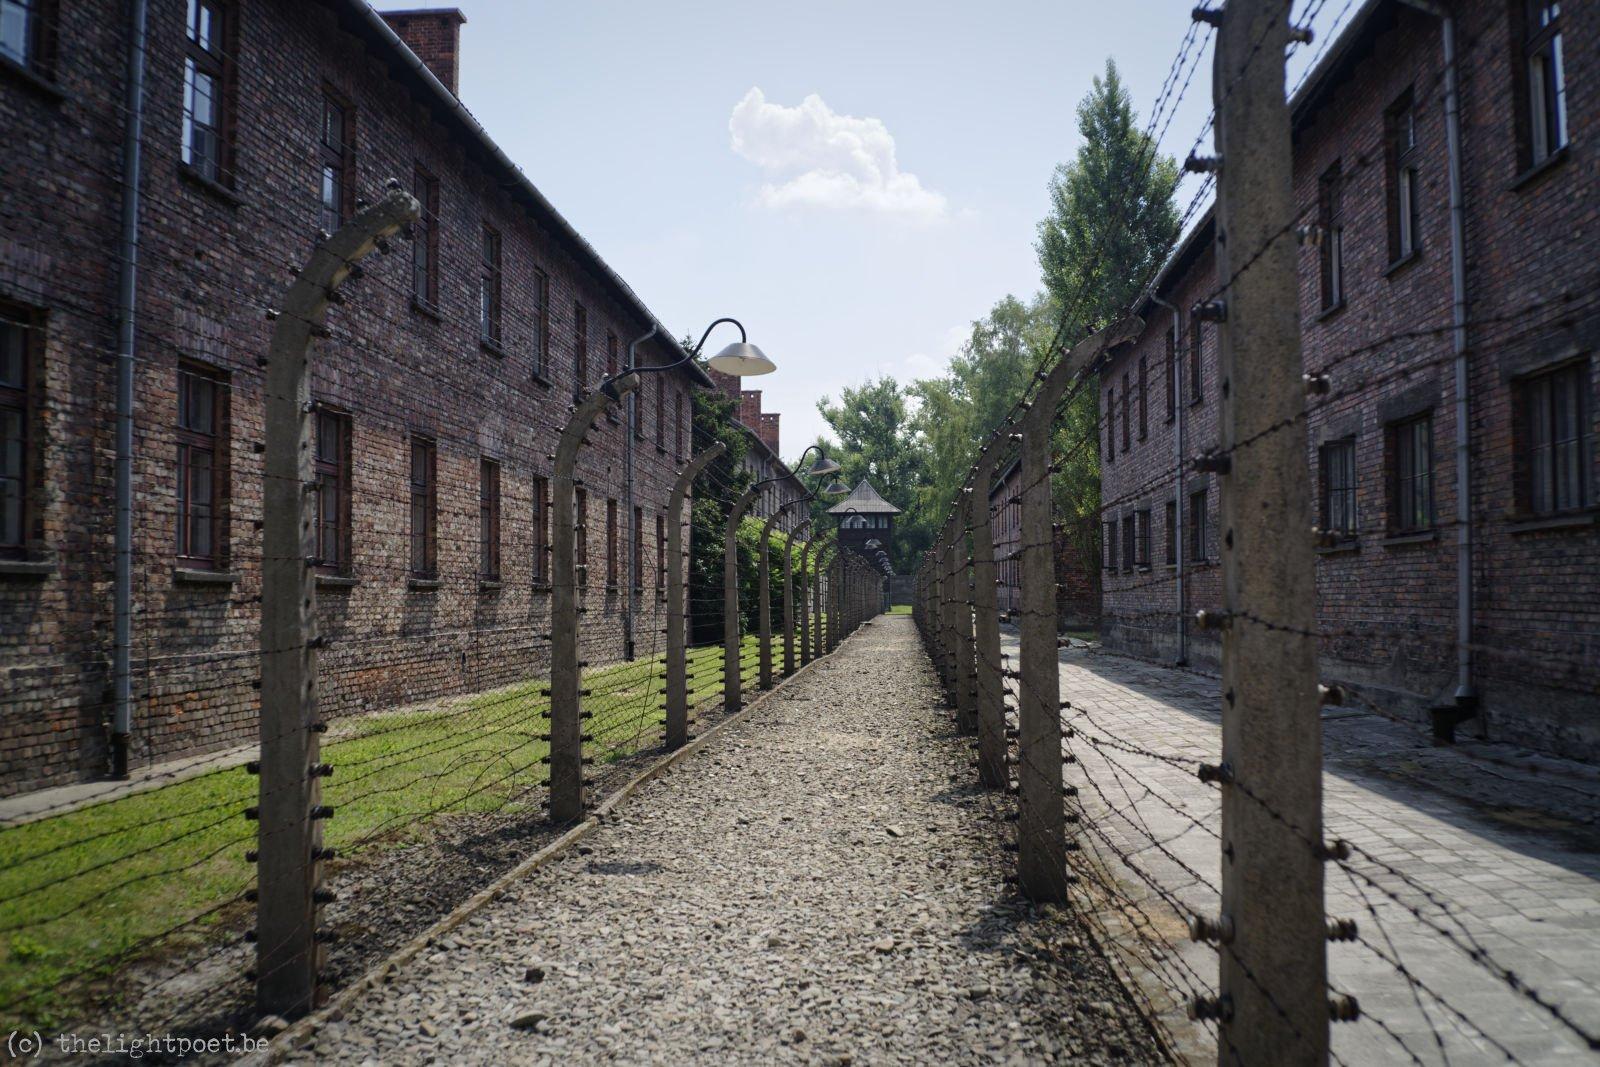 2018_06_Auschwitz_20180620_102153a_DxO_PL1_1600px